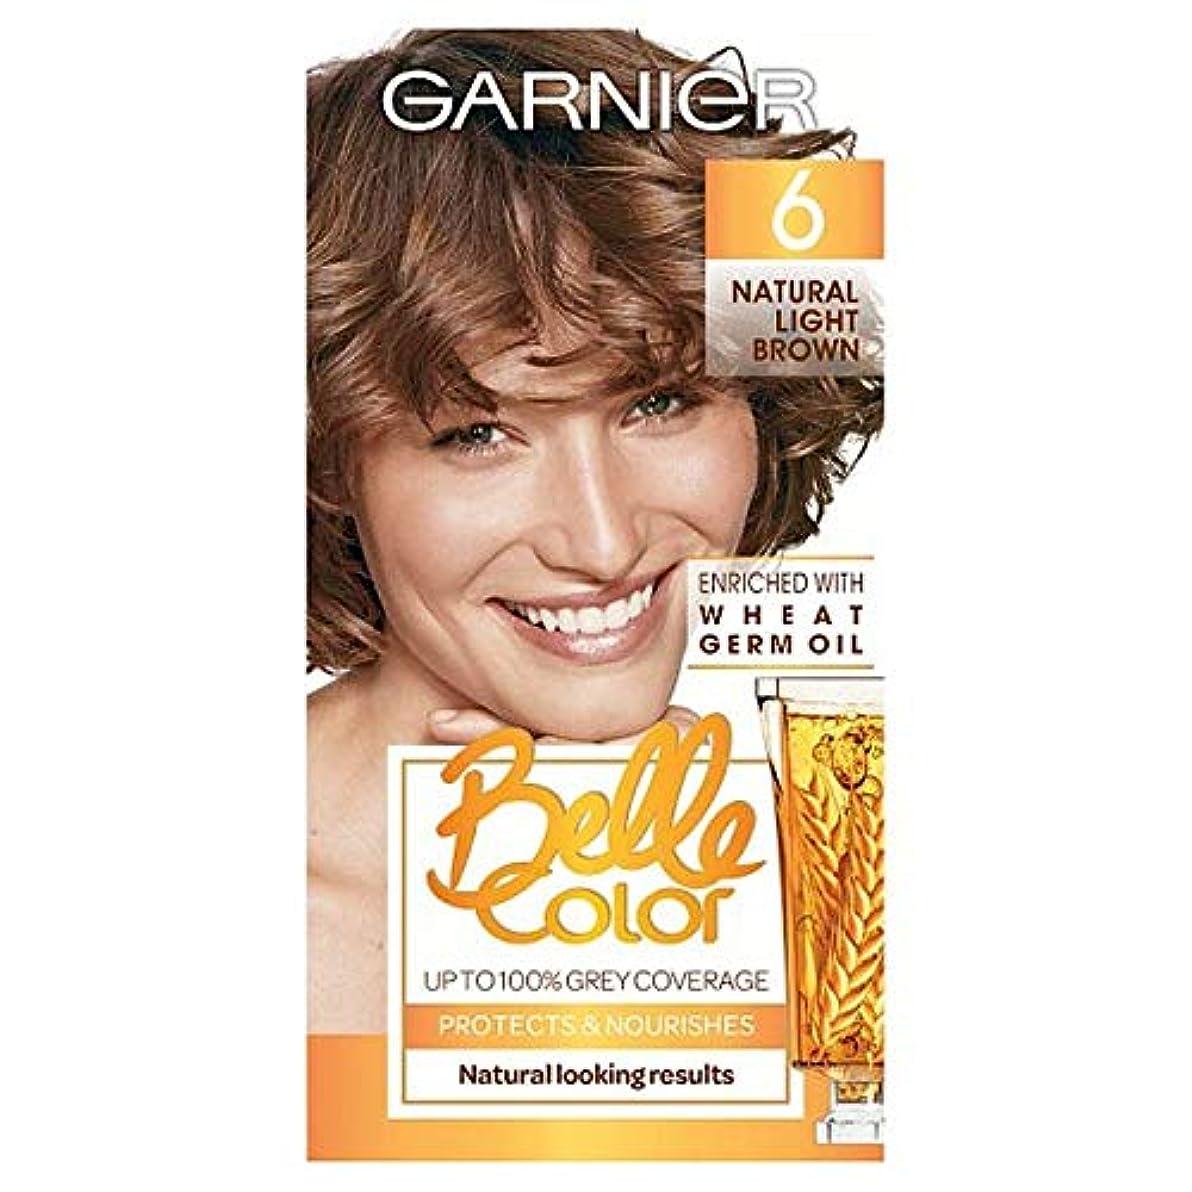 スキームタンパク質自転車[Belle Color ] ガーン/ベル/Clr 6ナチュラルライトブラウンパーマネントヘアダイ - Garn/Bel/Clr 6 Natural Light Brown Permanent Hair Dye [並行輸入品]